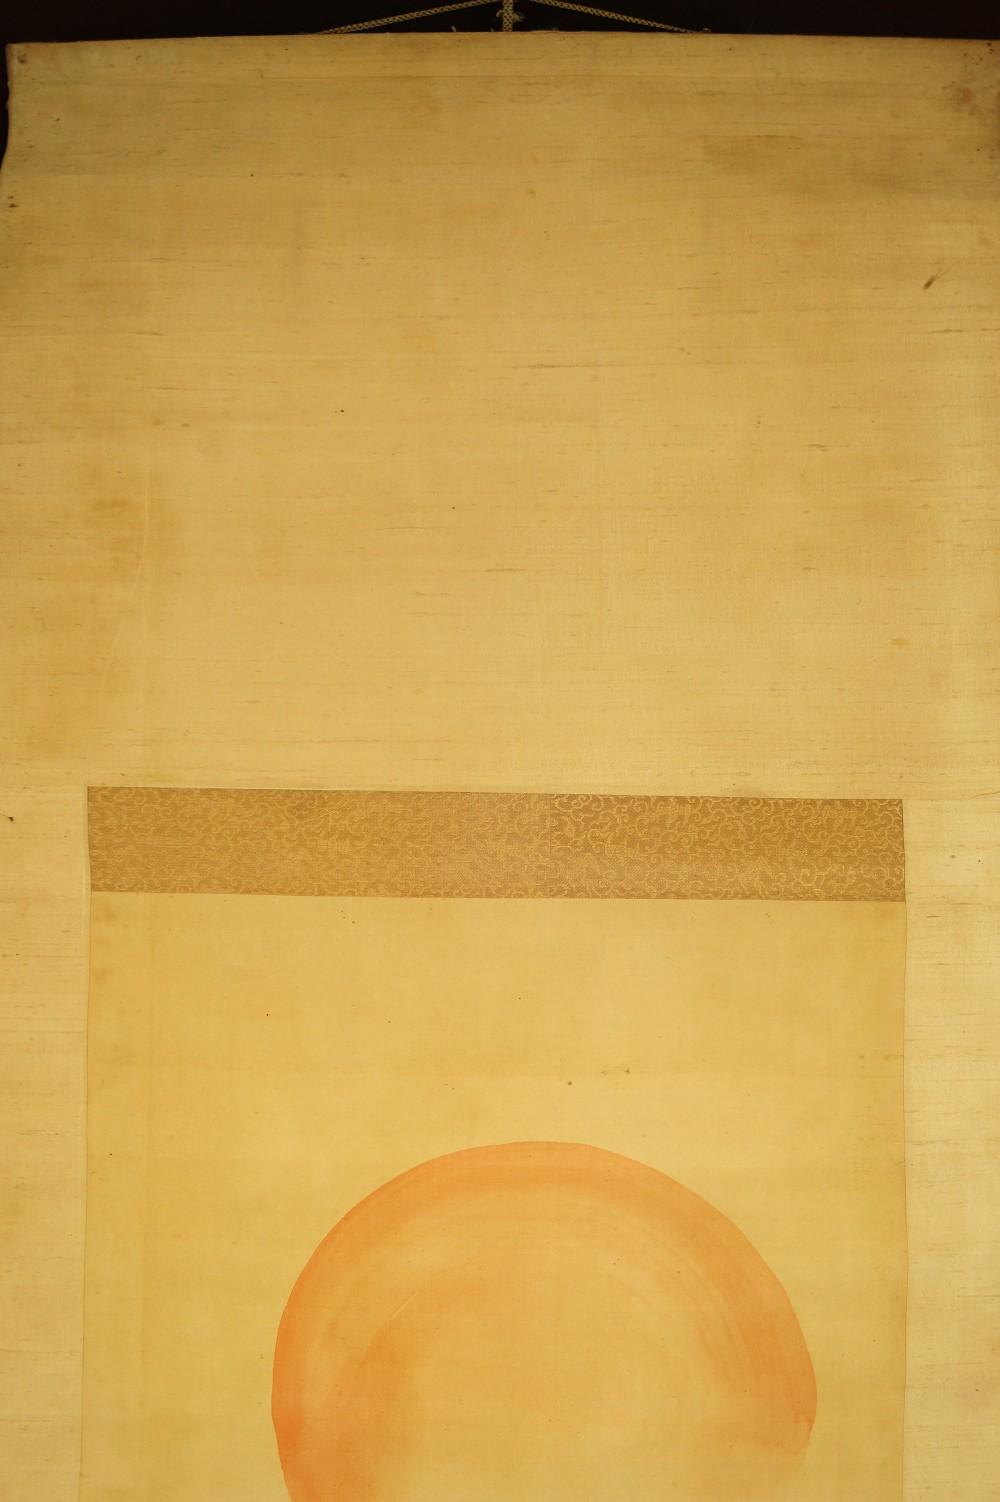 Aufgehende Sonne, brechende Welle - japanisches Rollgemlde (Kakejiku, Kakemono) Ogata Gekkô